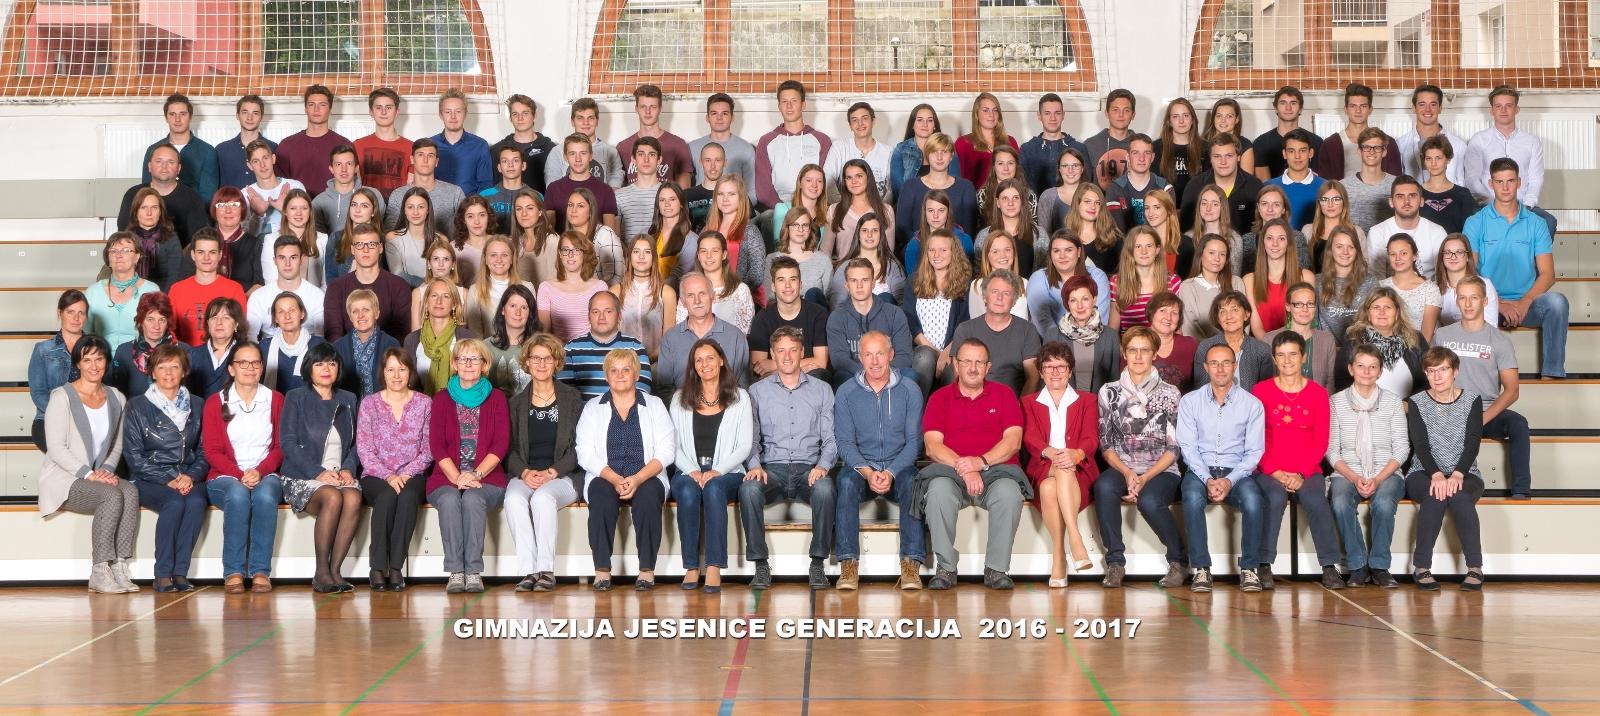 2017-gen-1600-x-716